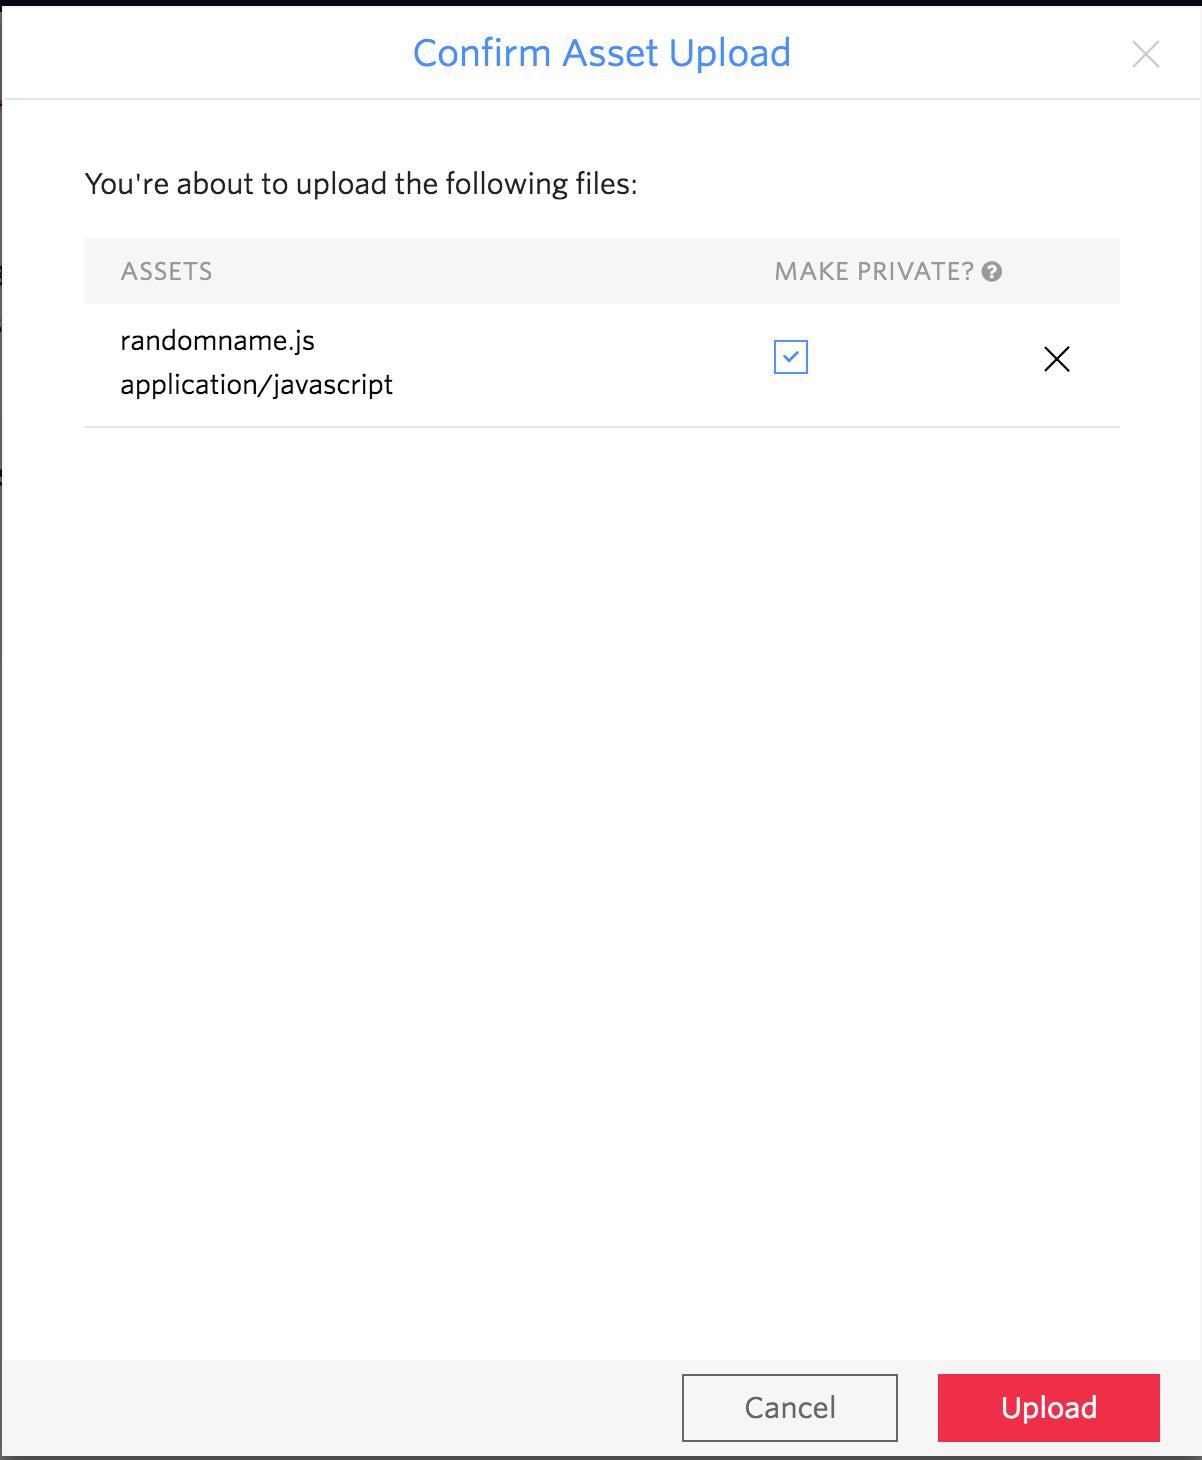 スクリーンショット 2018-07-21 07.16.42.png